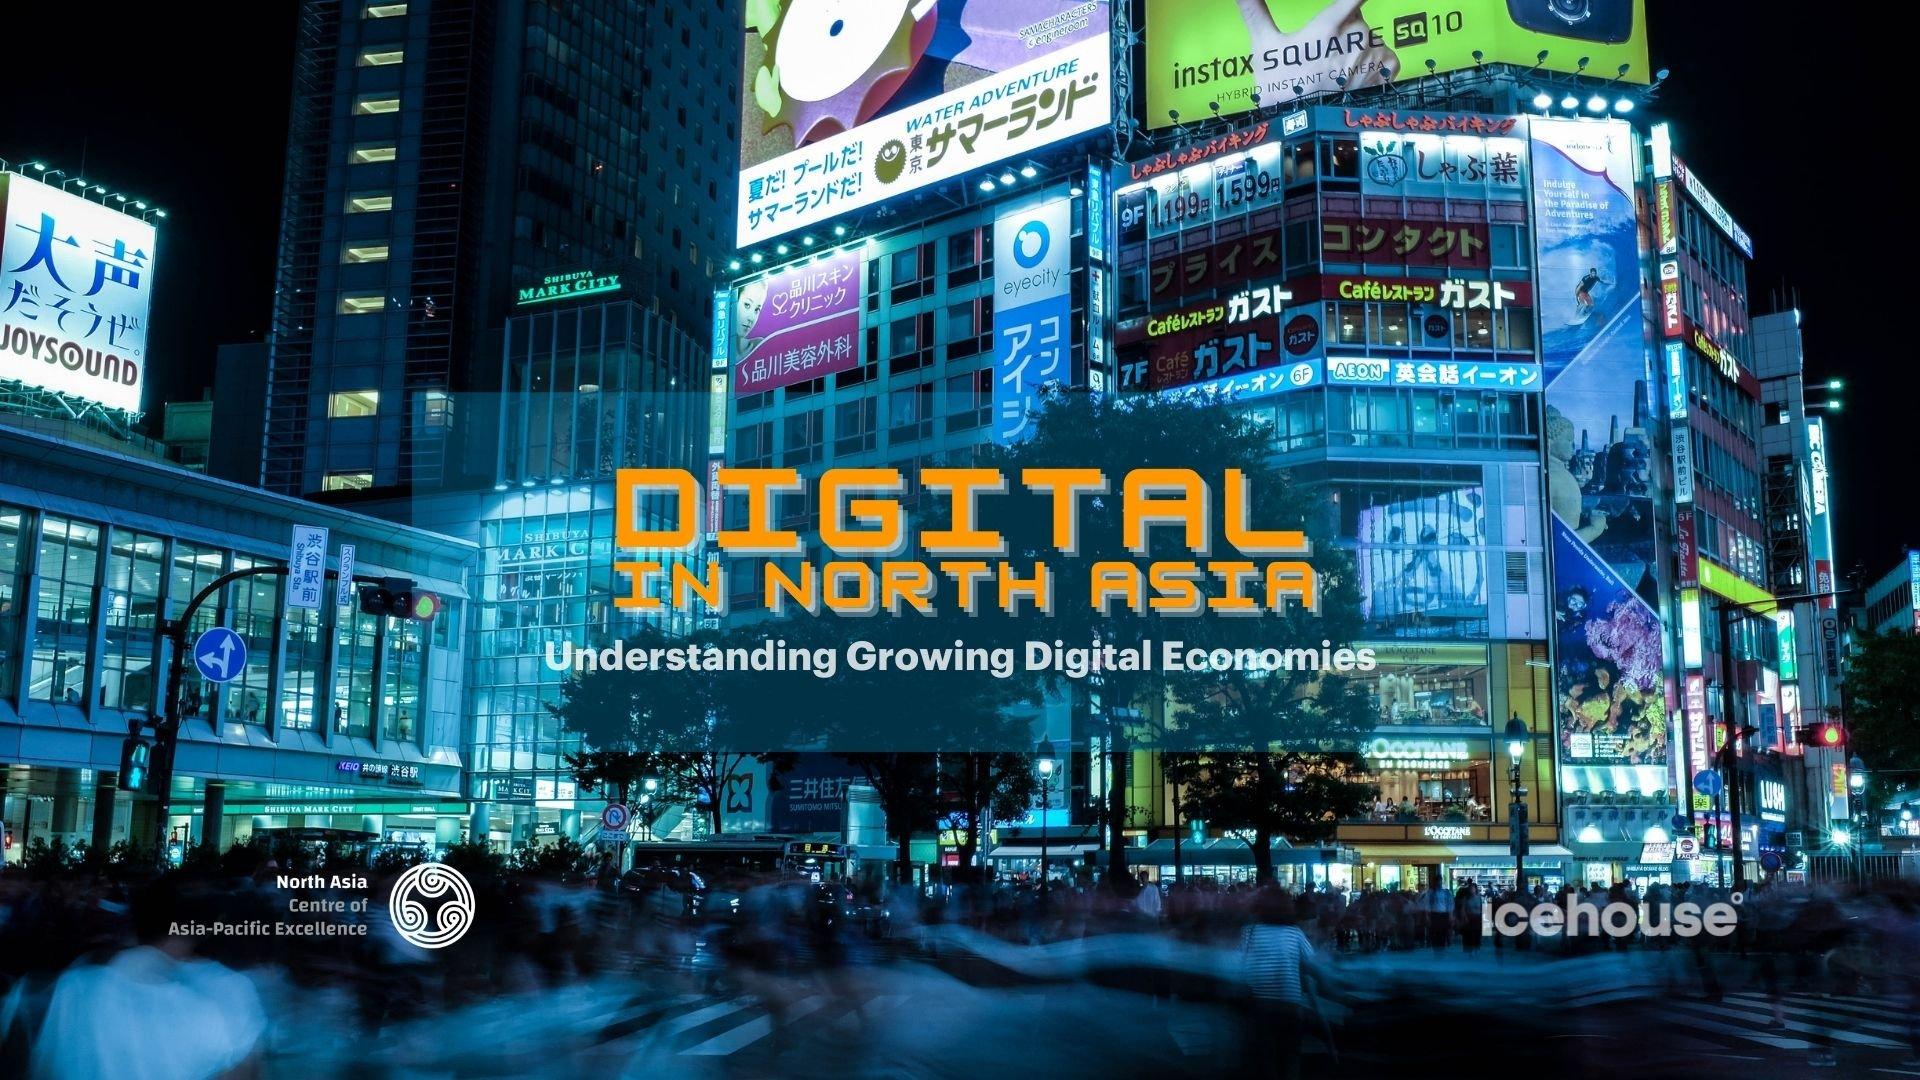 Digital In North Asia - Understanding Growing Digital Economies